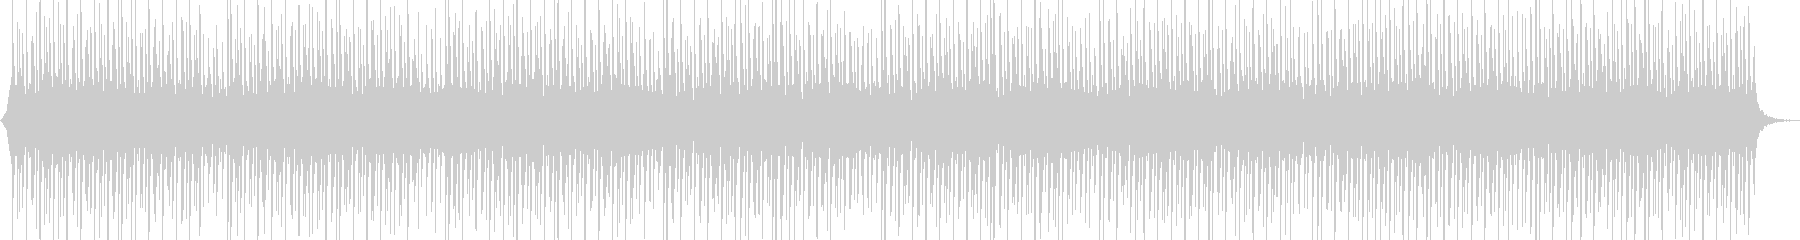 ニュース読みのBGM/テクノ/テクノ系の未再生の波形